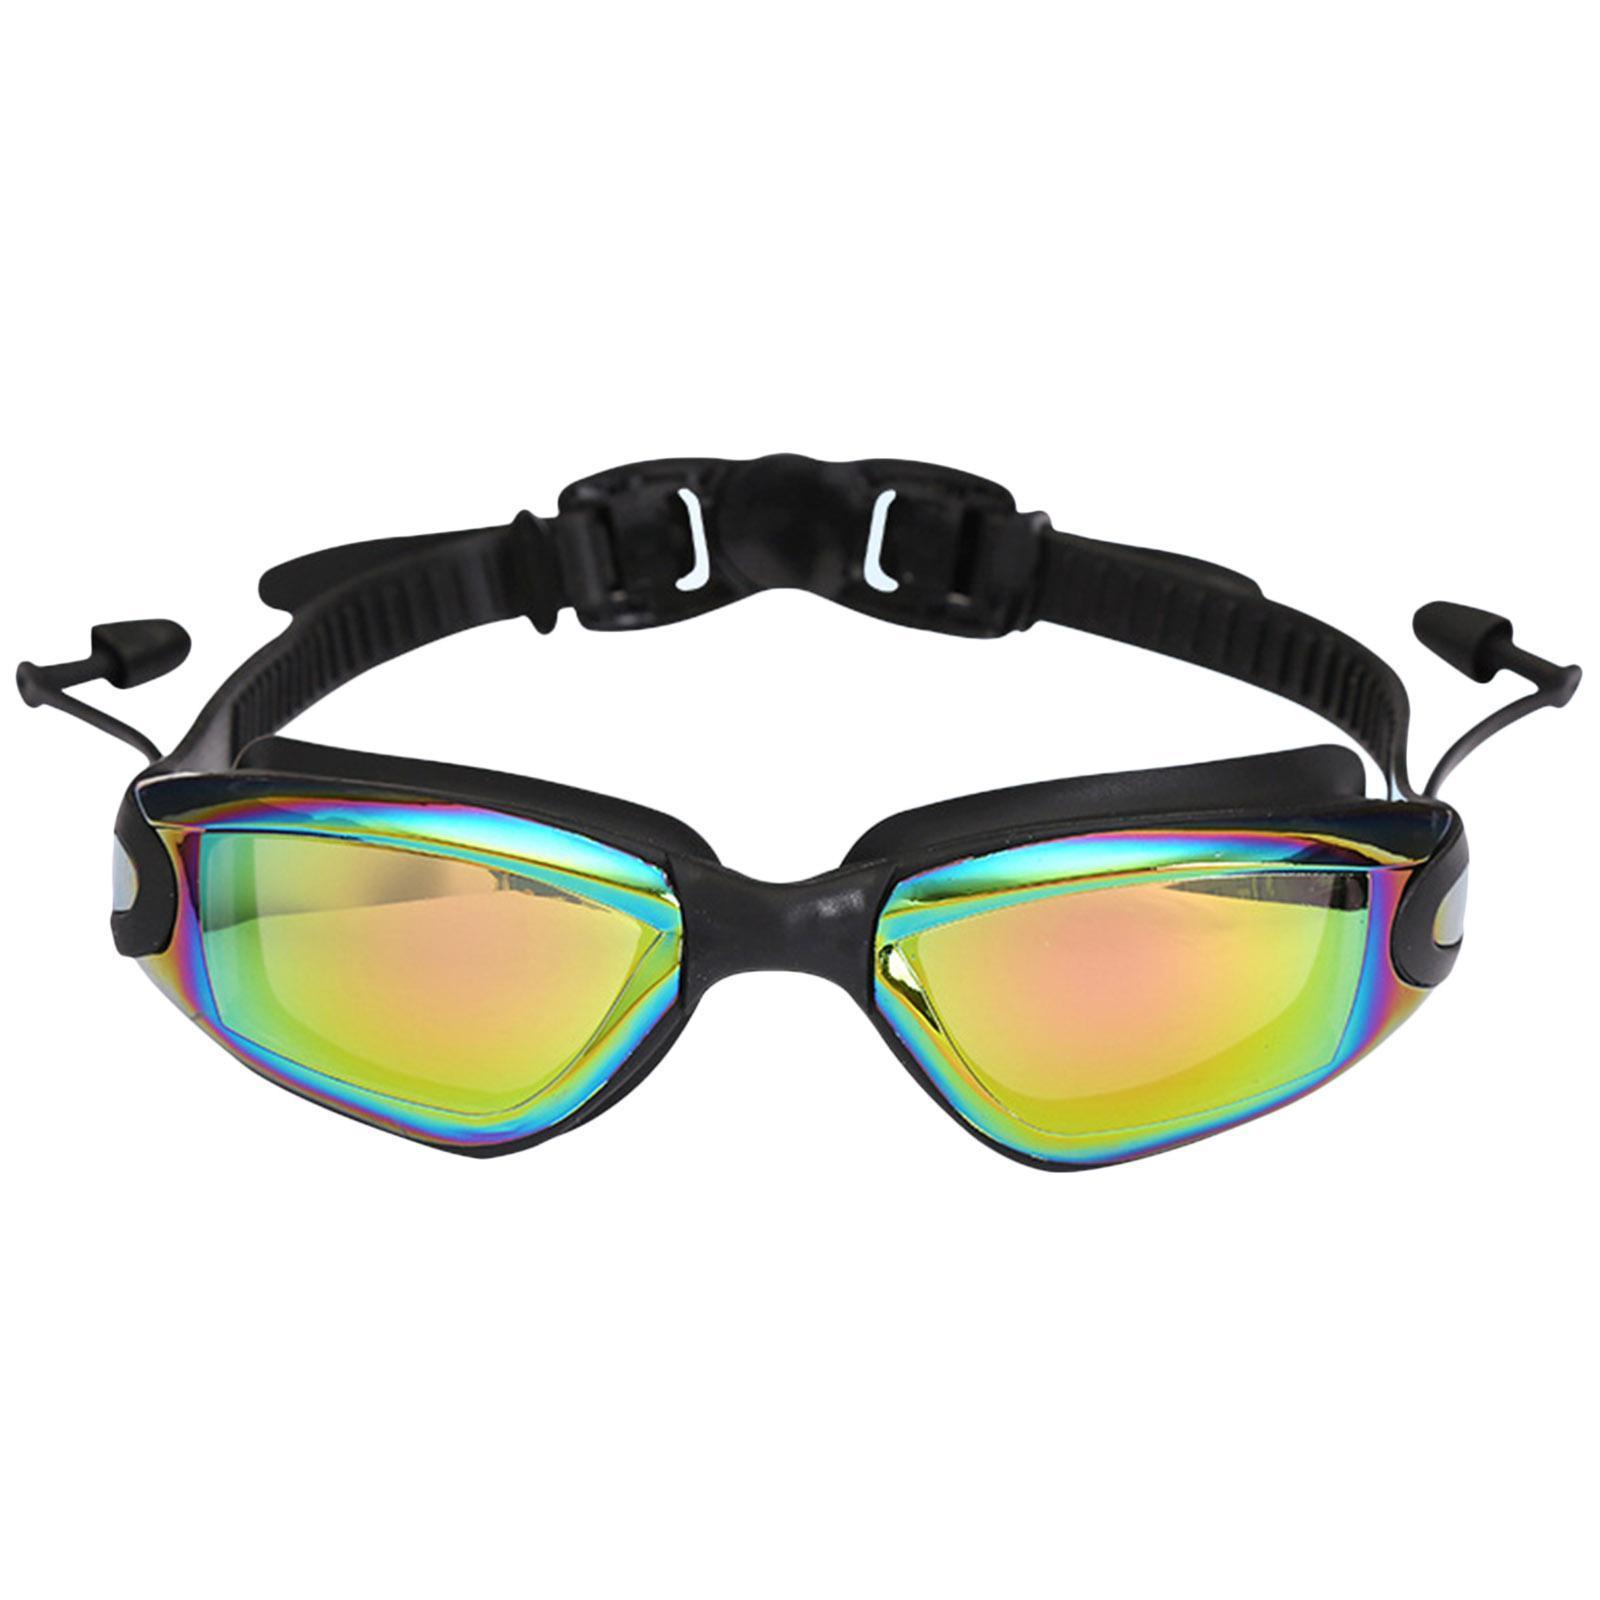 miniatura 6 - Occhialini da nuoto, protezione UV Occhialini da nuoto anti-appannamento Unisex